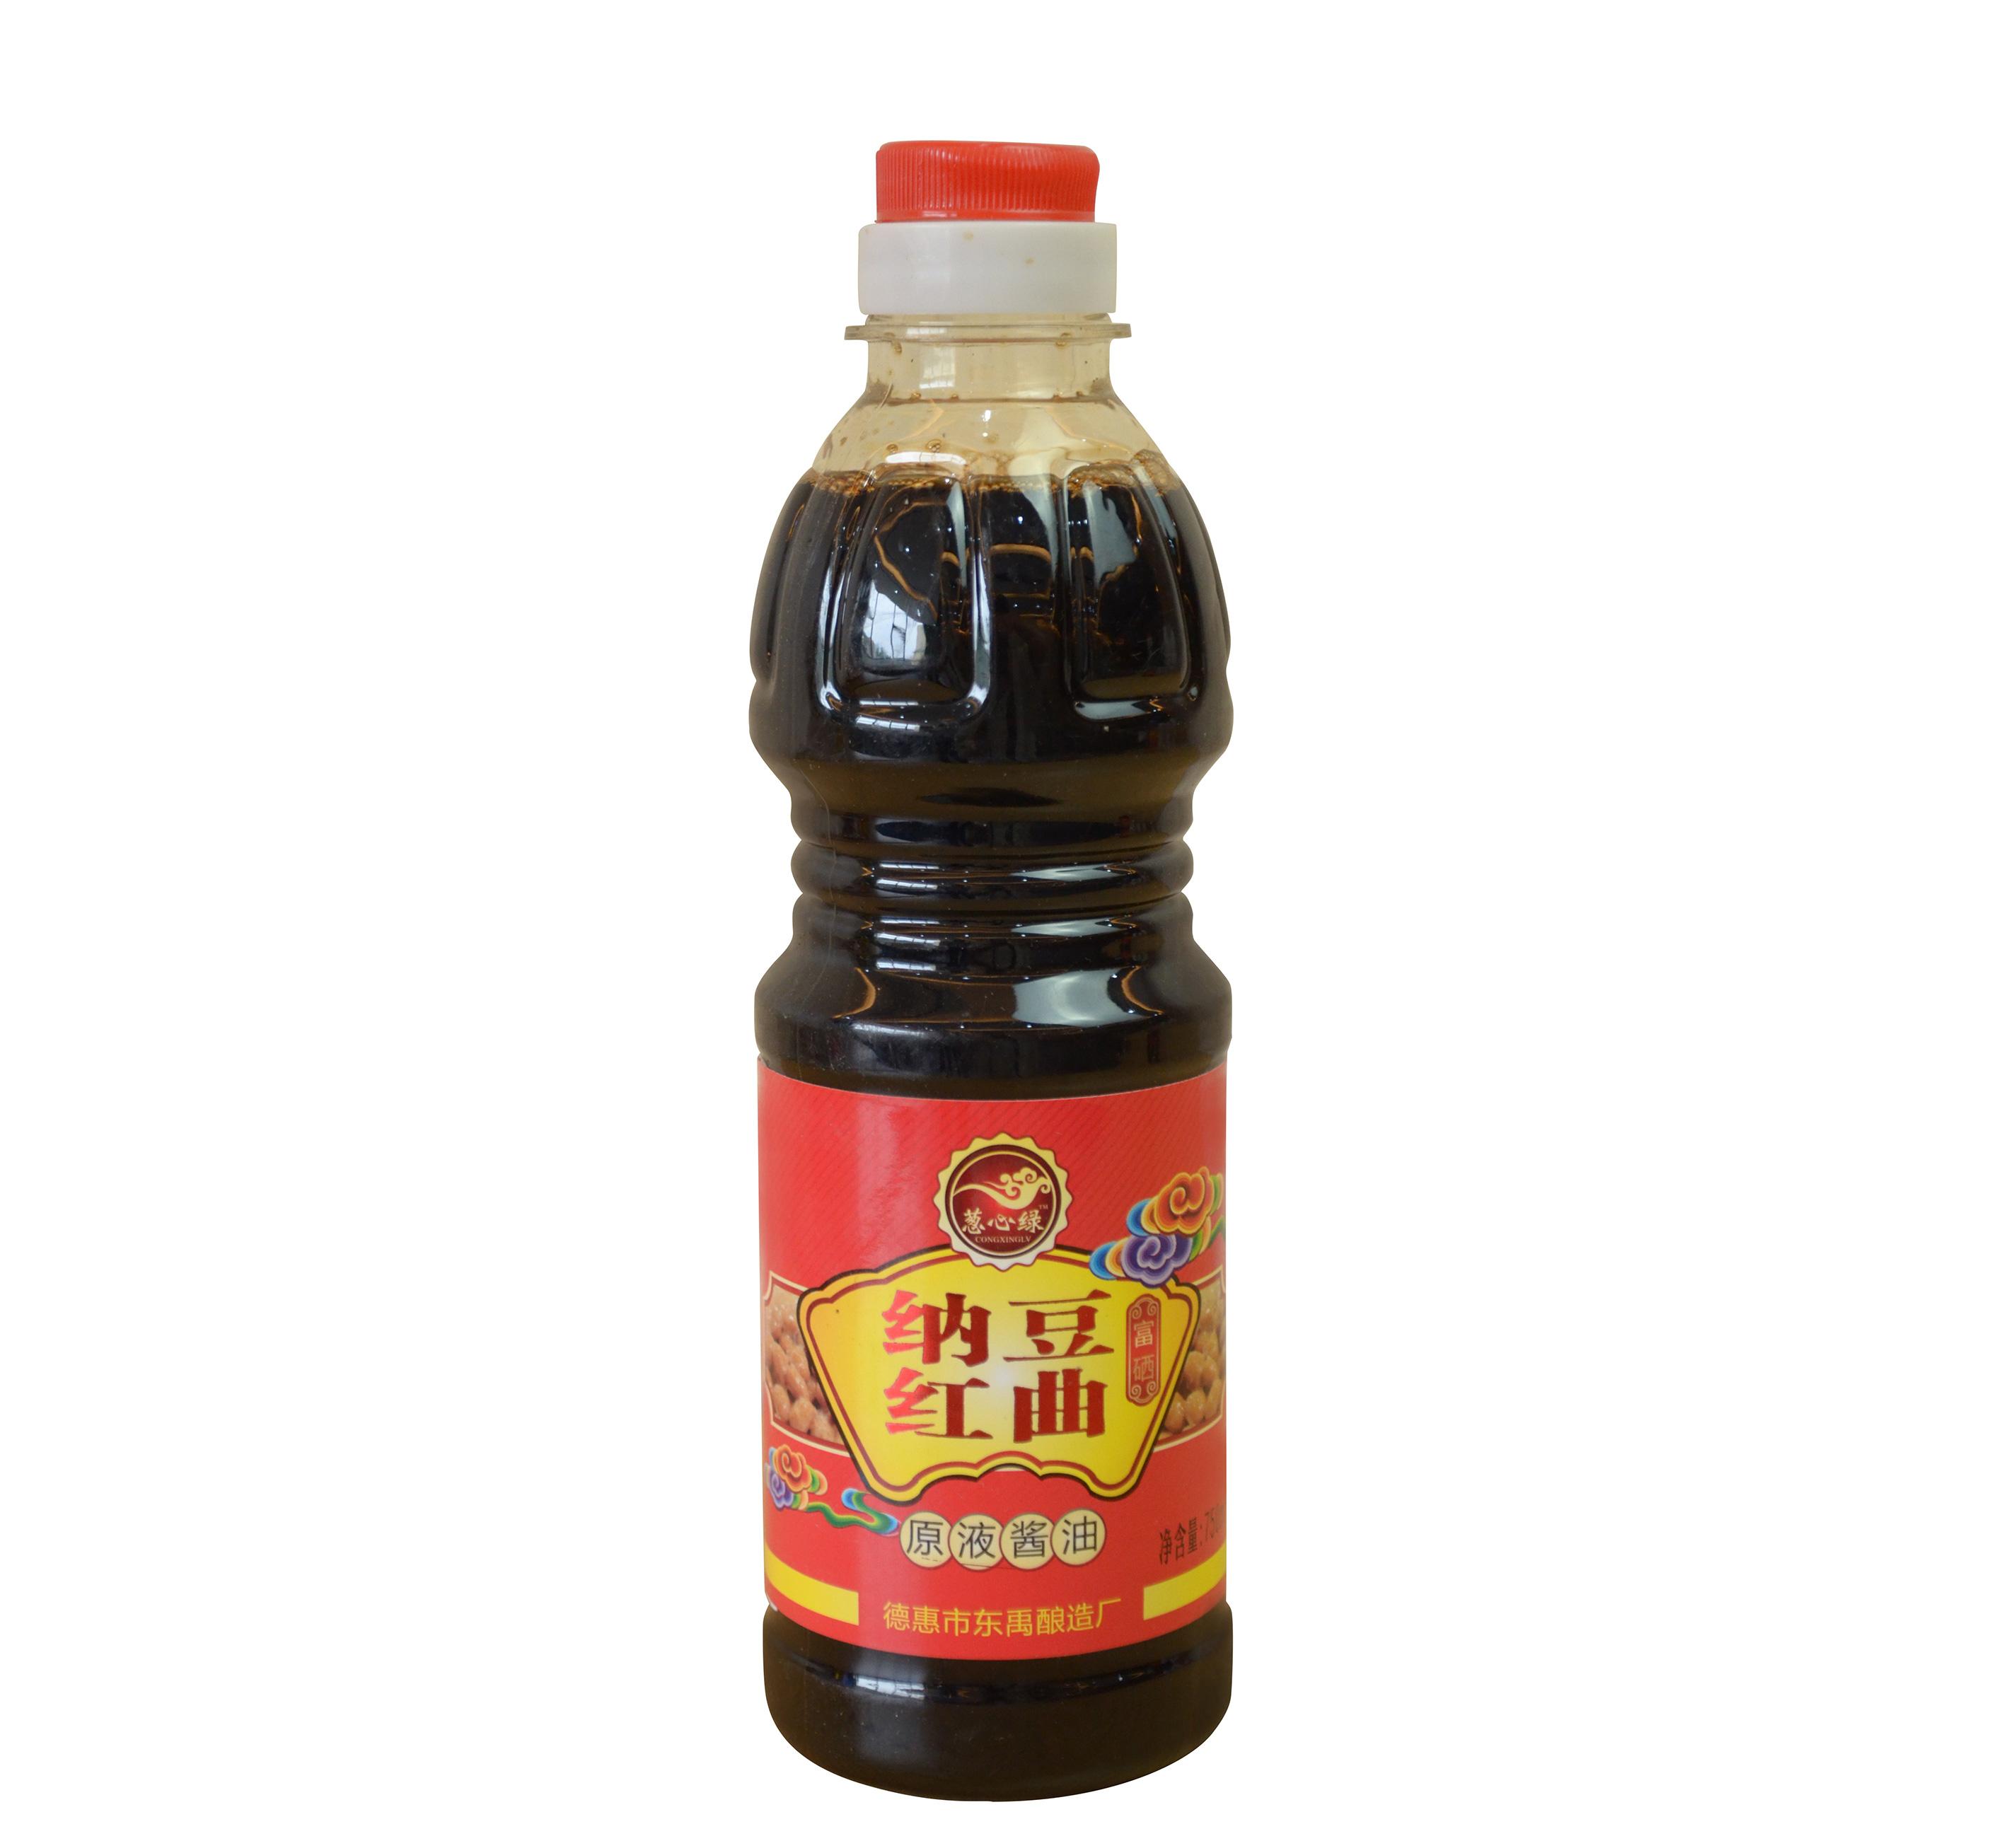 纳豆红曲原液酱油